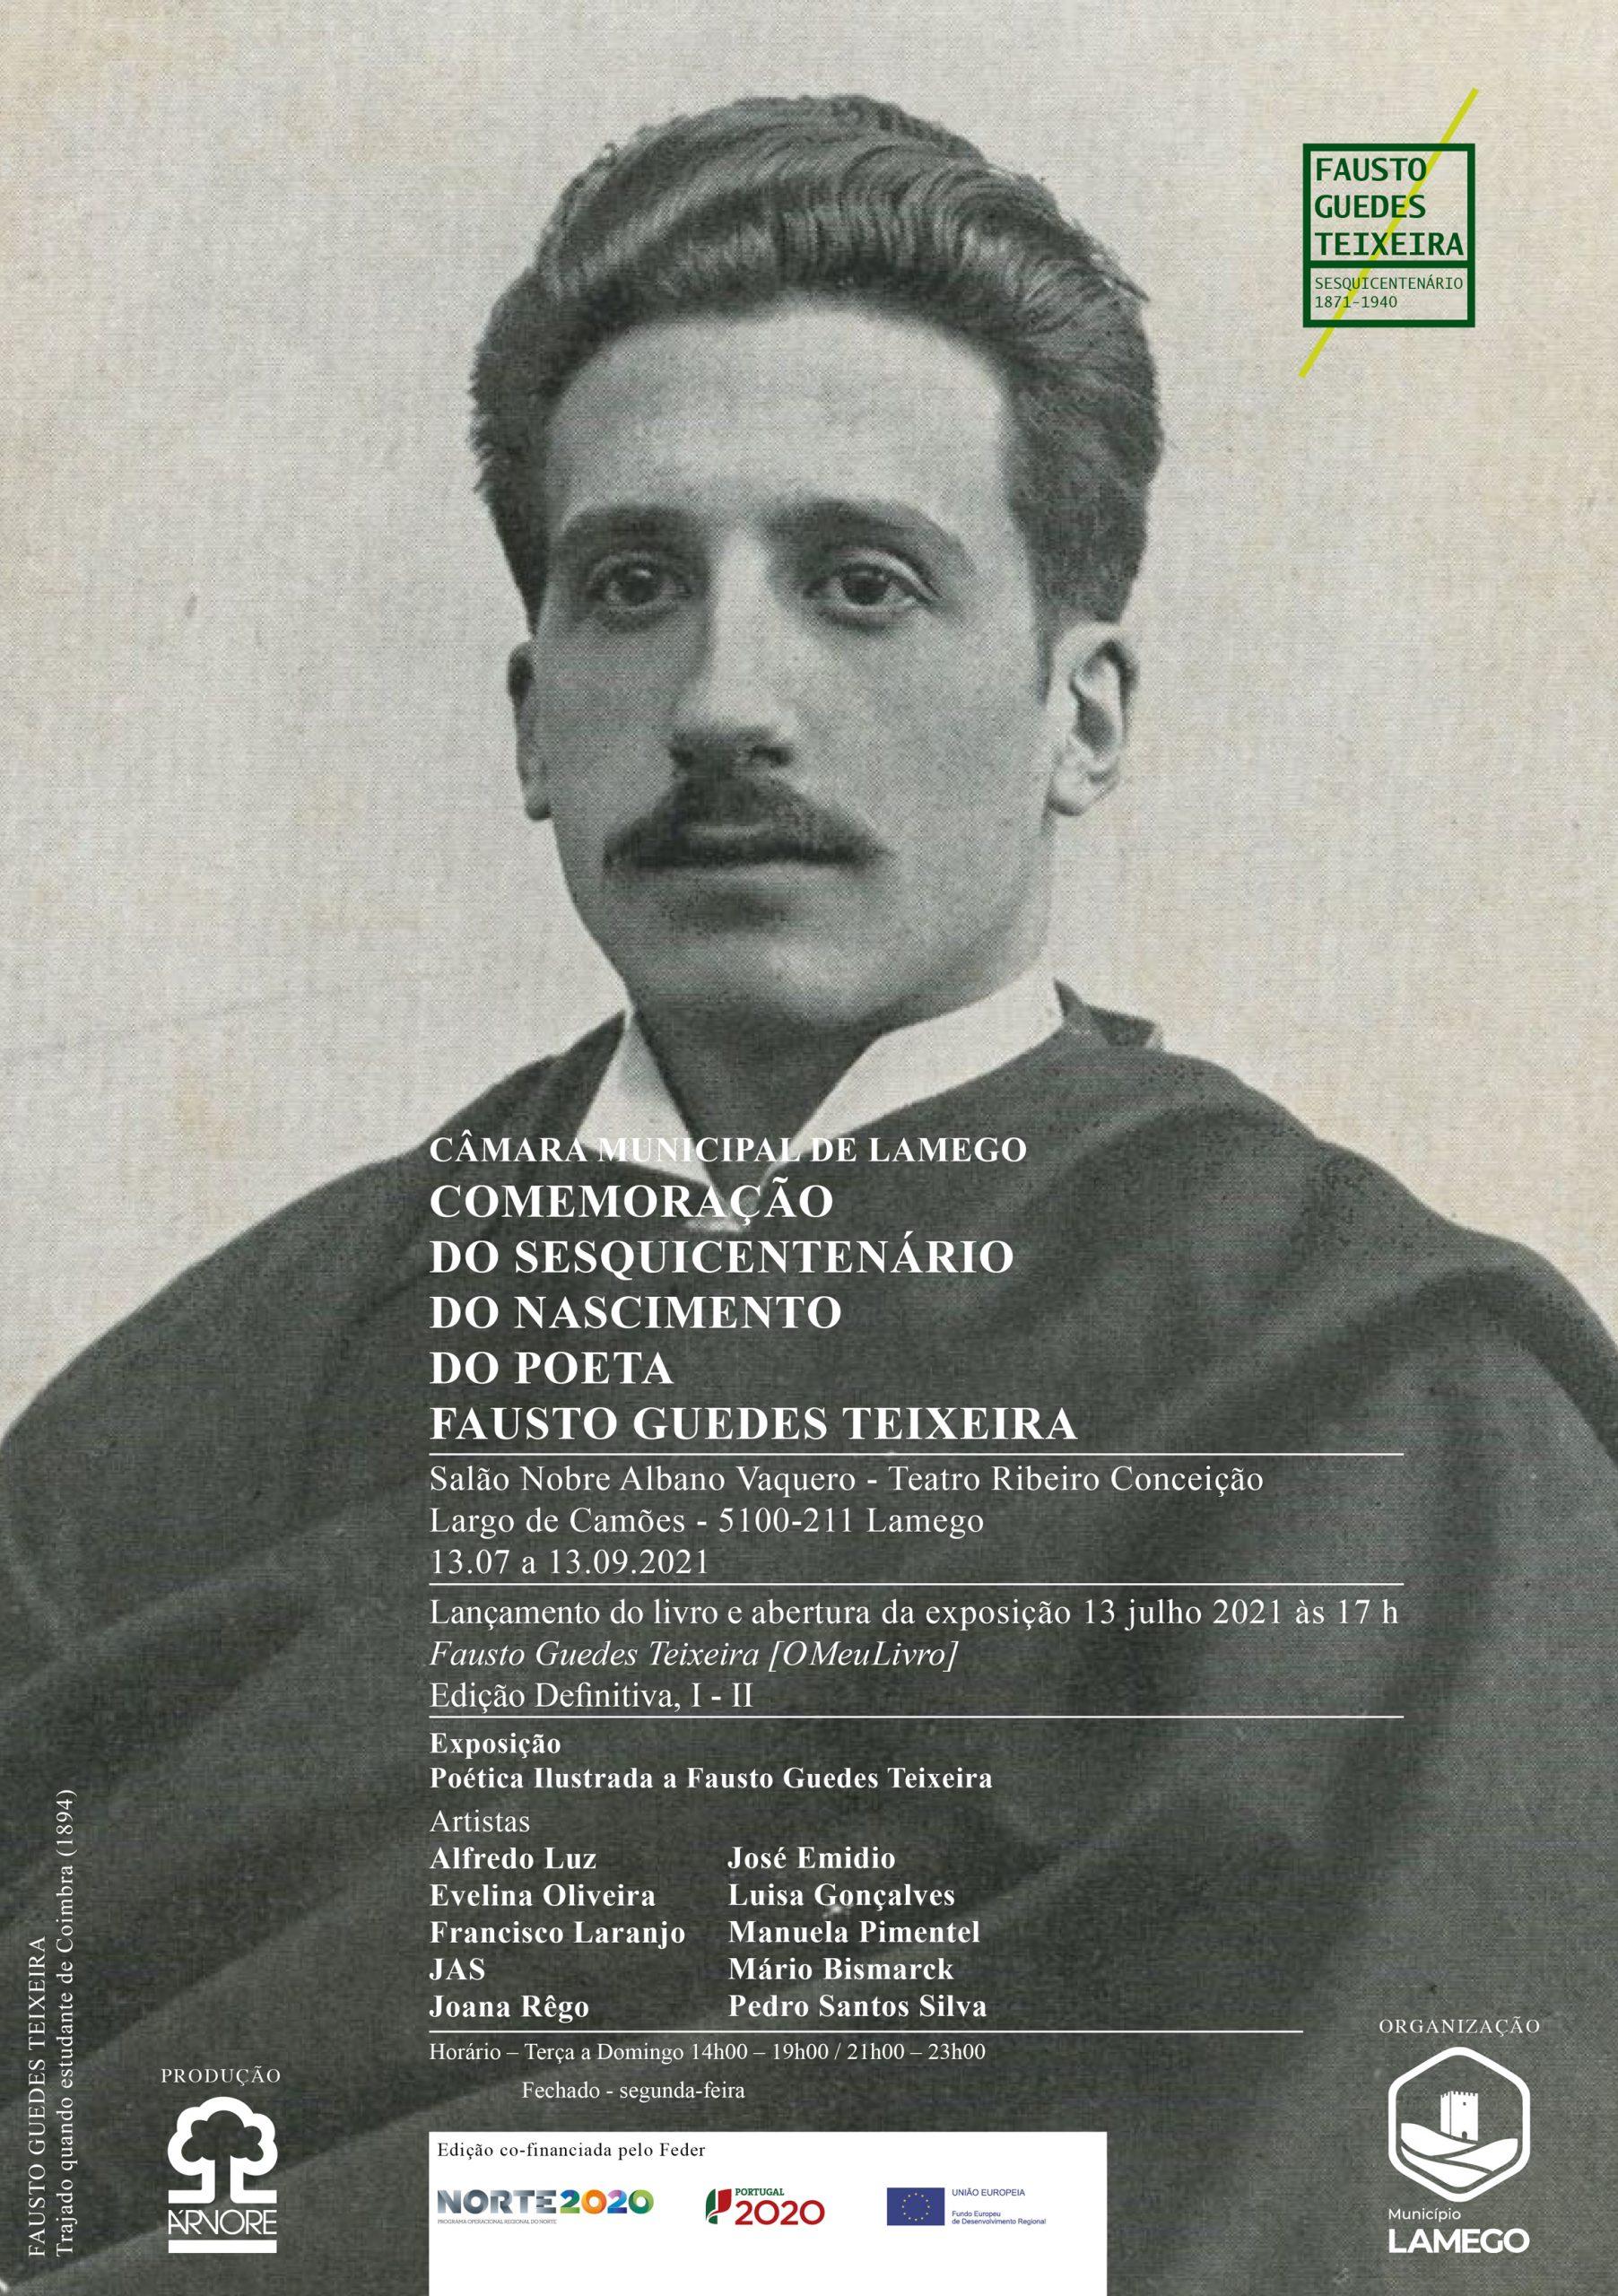 Comemoração do Sesquicentenário do Nascimento do Poeta Fausto Guedes Teixeira